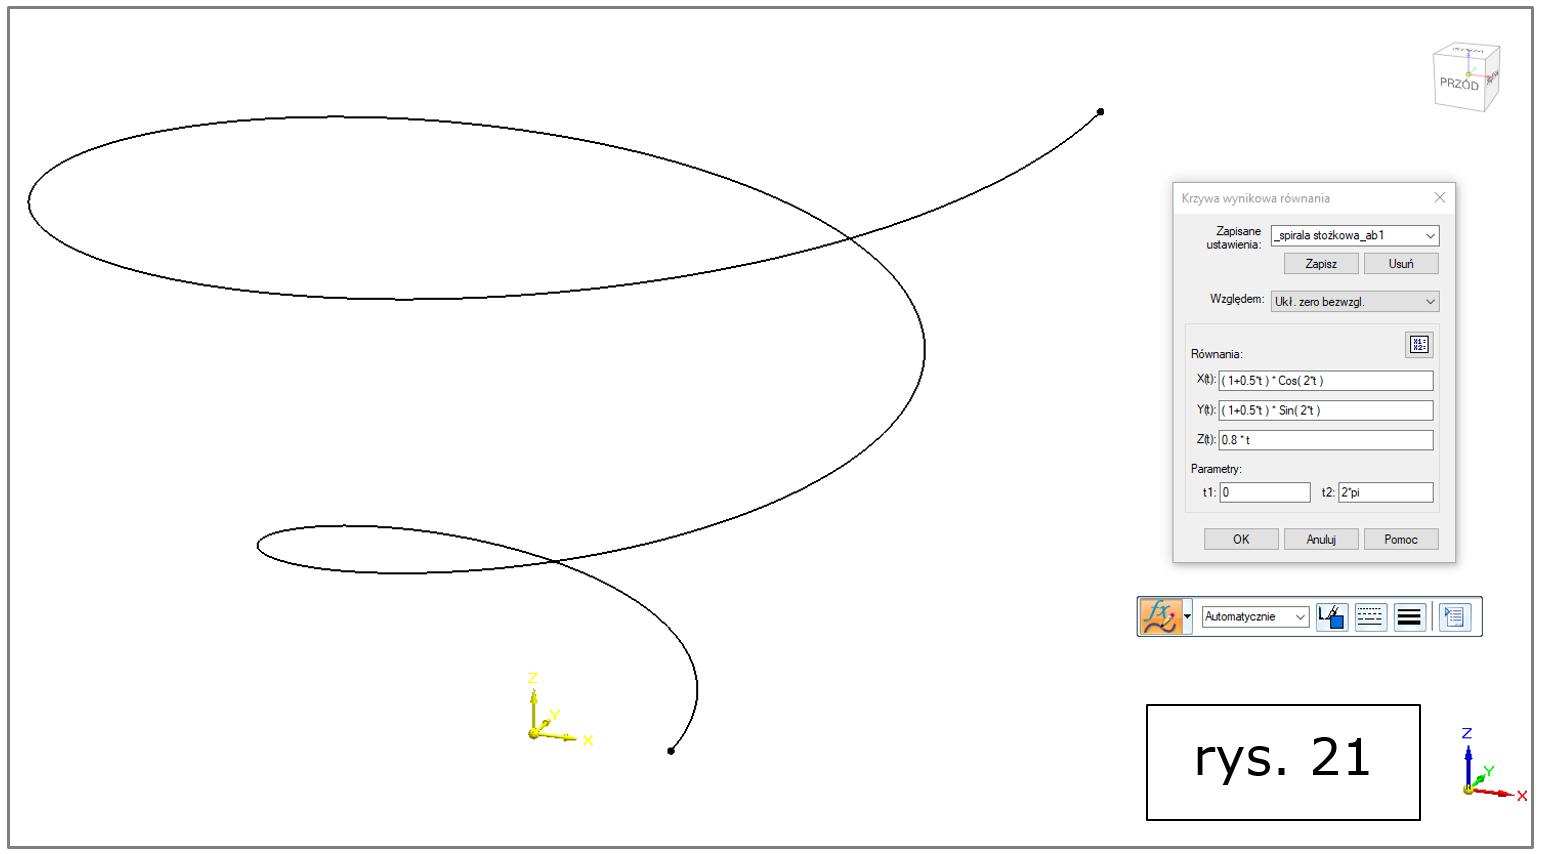 rzywa wynikowa równania, spirala stożkowa Solid Edge 2022